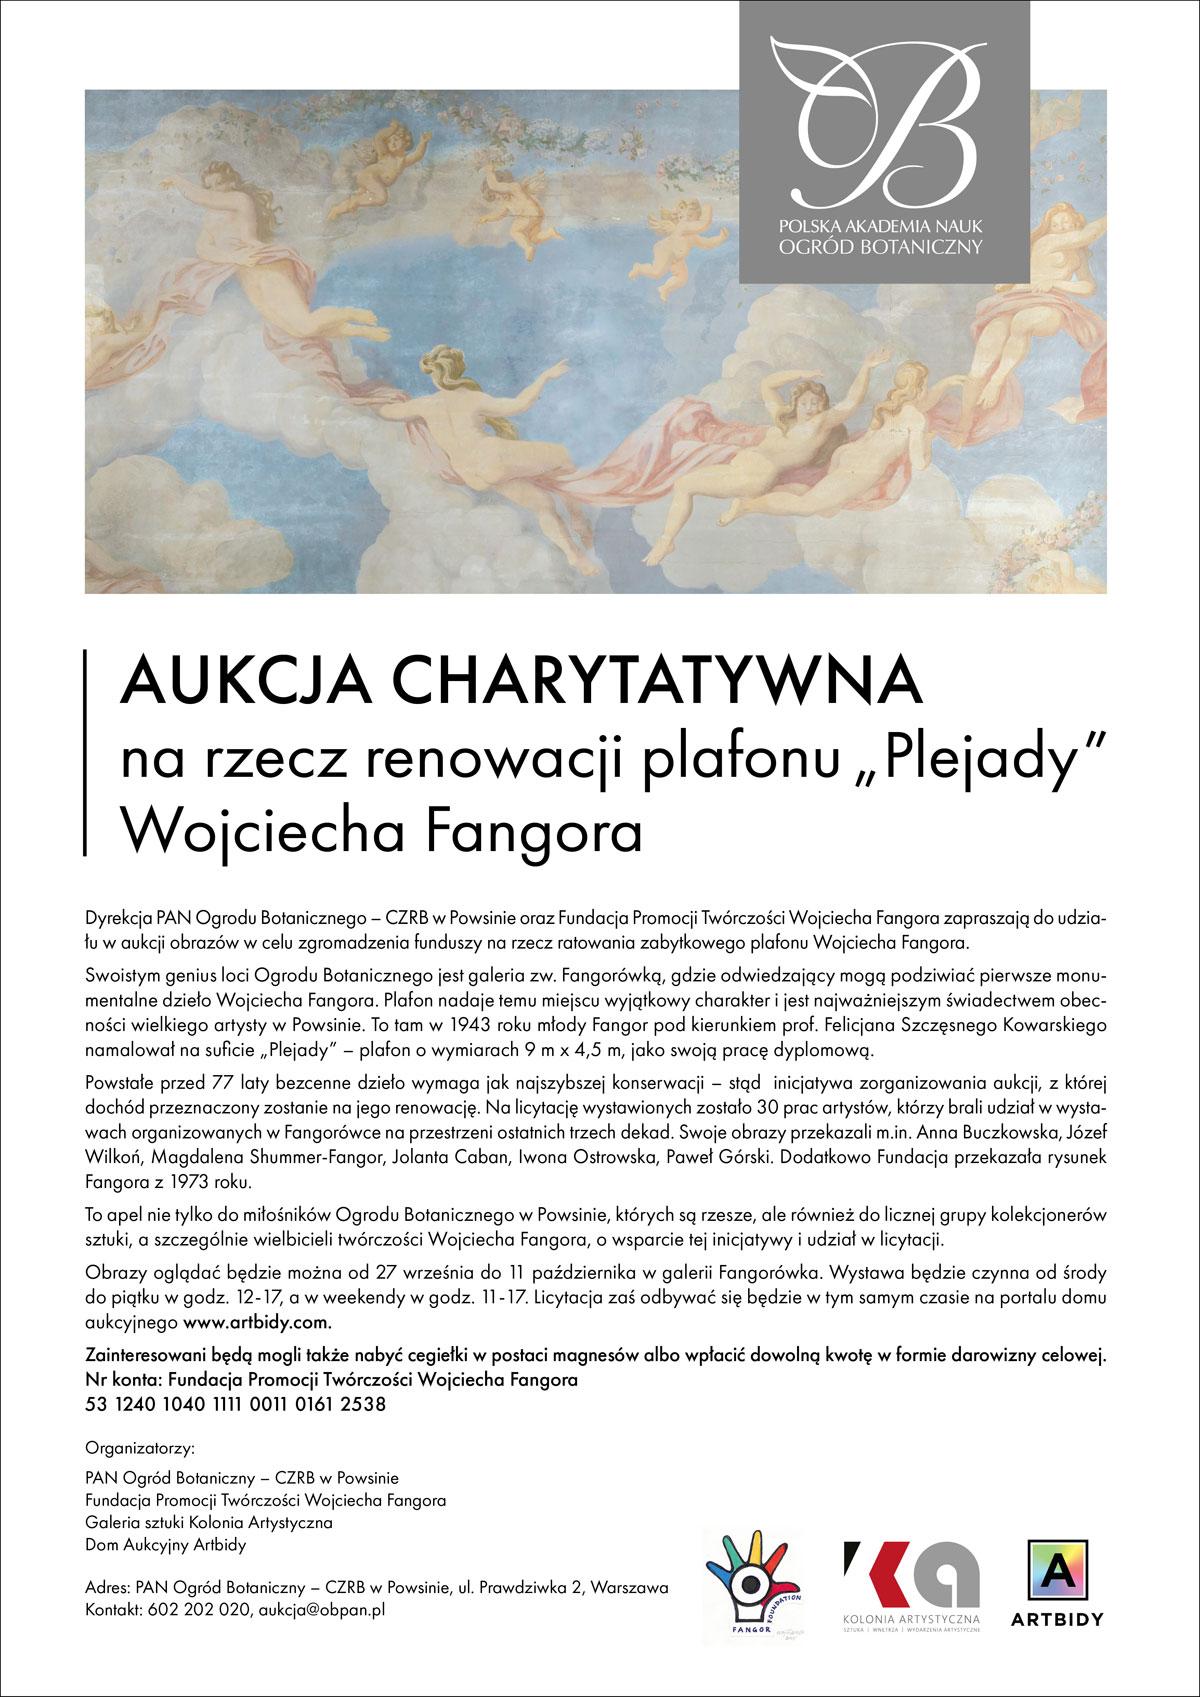 aukcja na rzecz plafonu W. Fangora